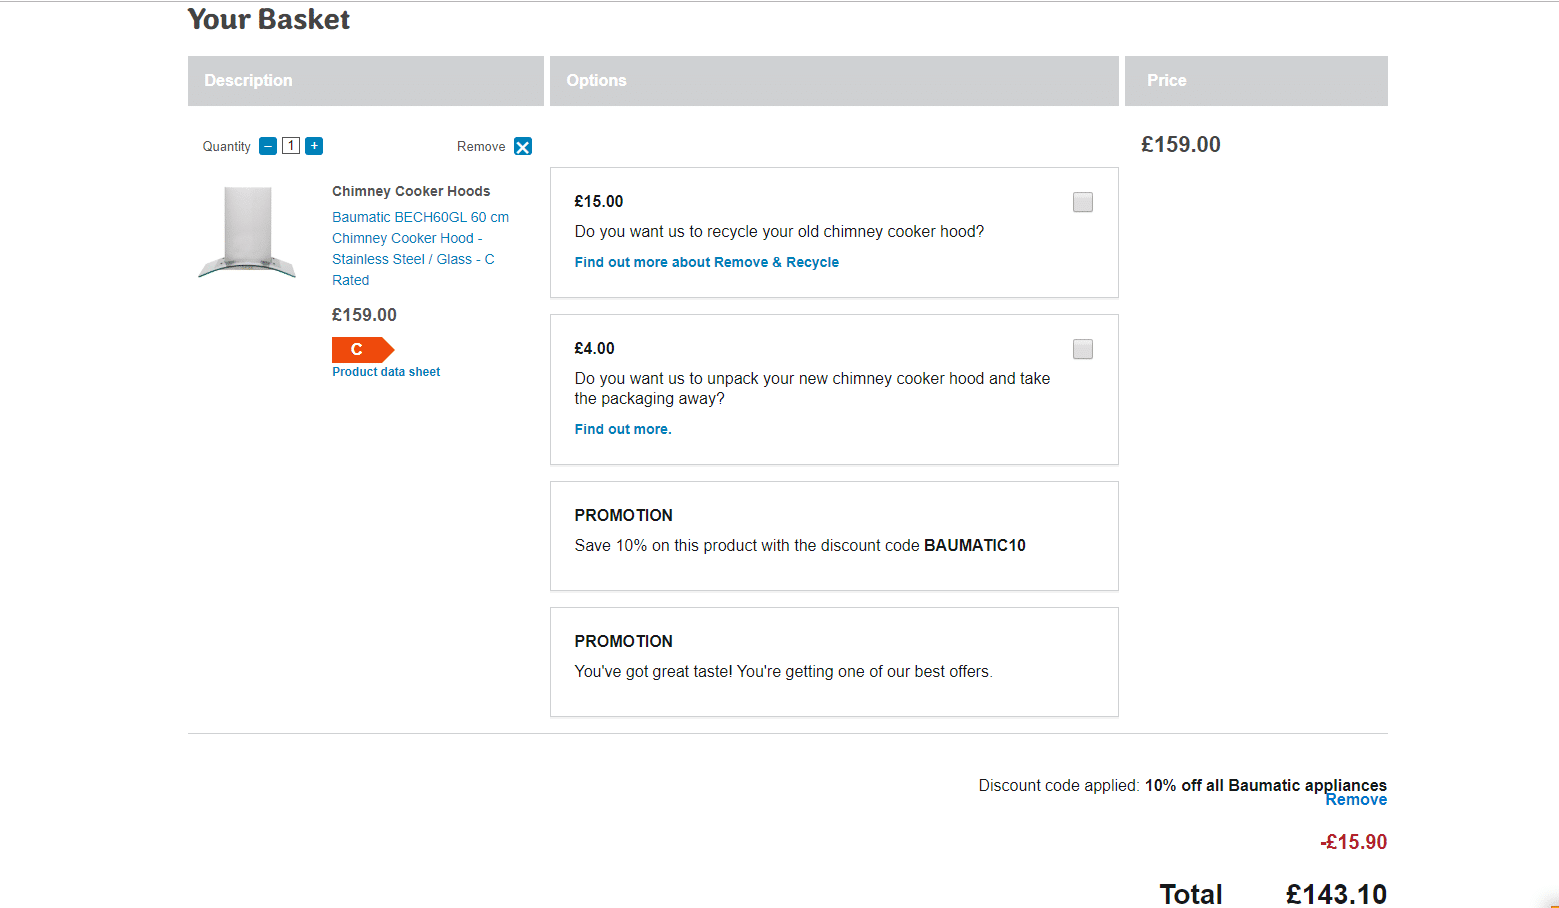 AO Discount Code